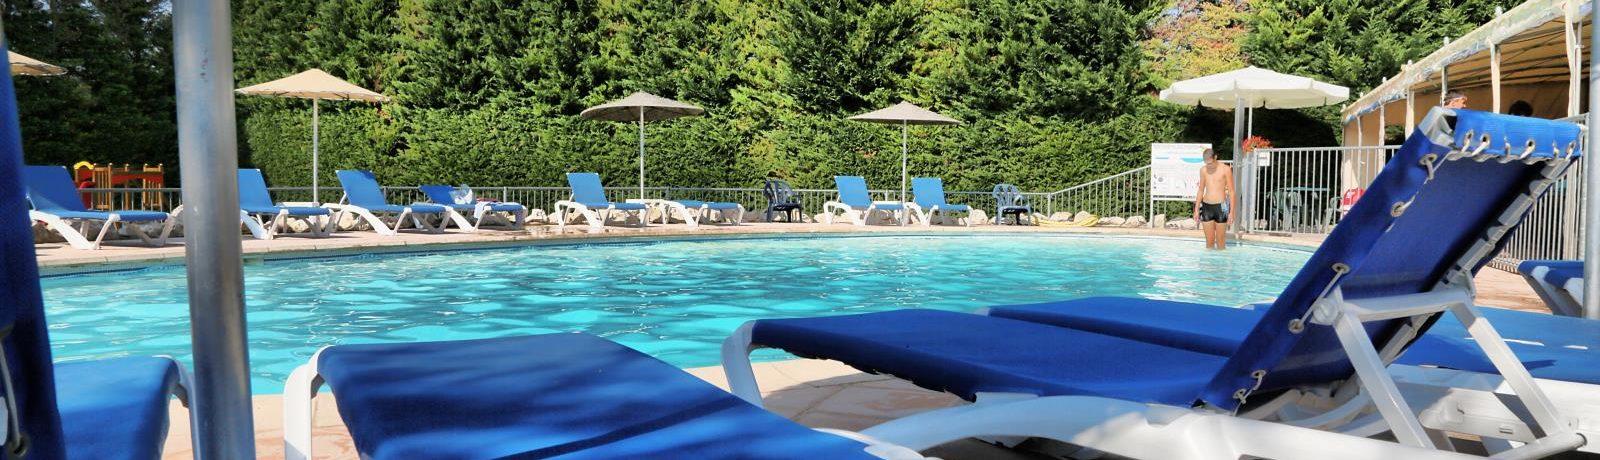 Camping Des Favards in Violès is een kleine camping met zwembad in de Vaucluse gelegen midden in het hart van een wijngaard.